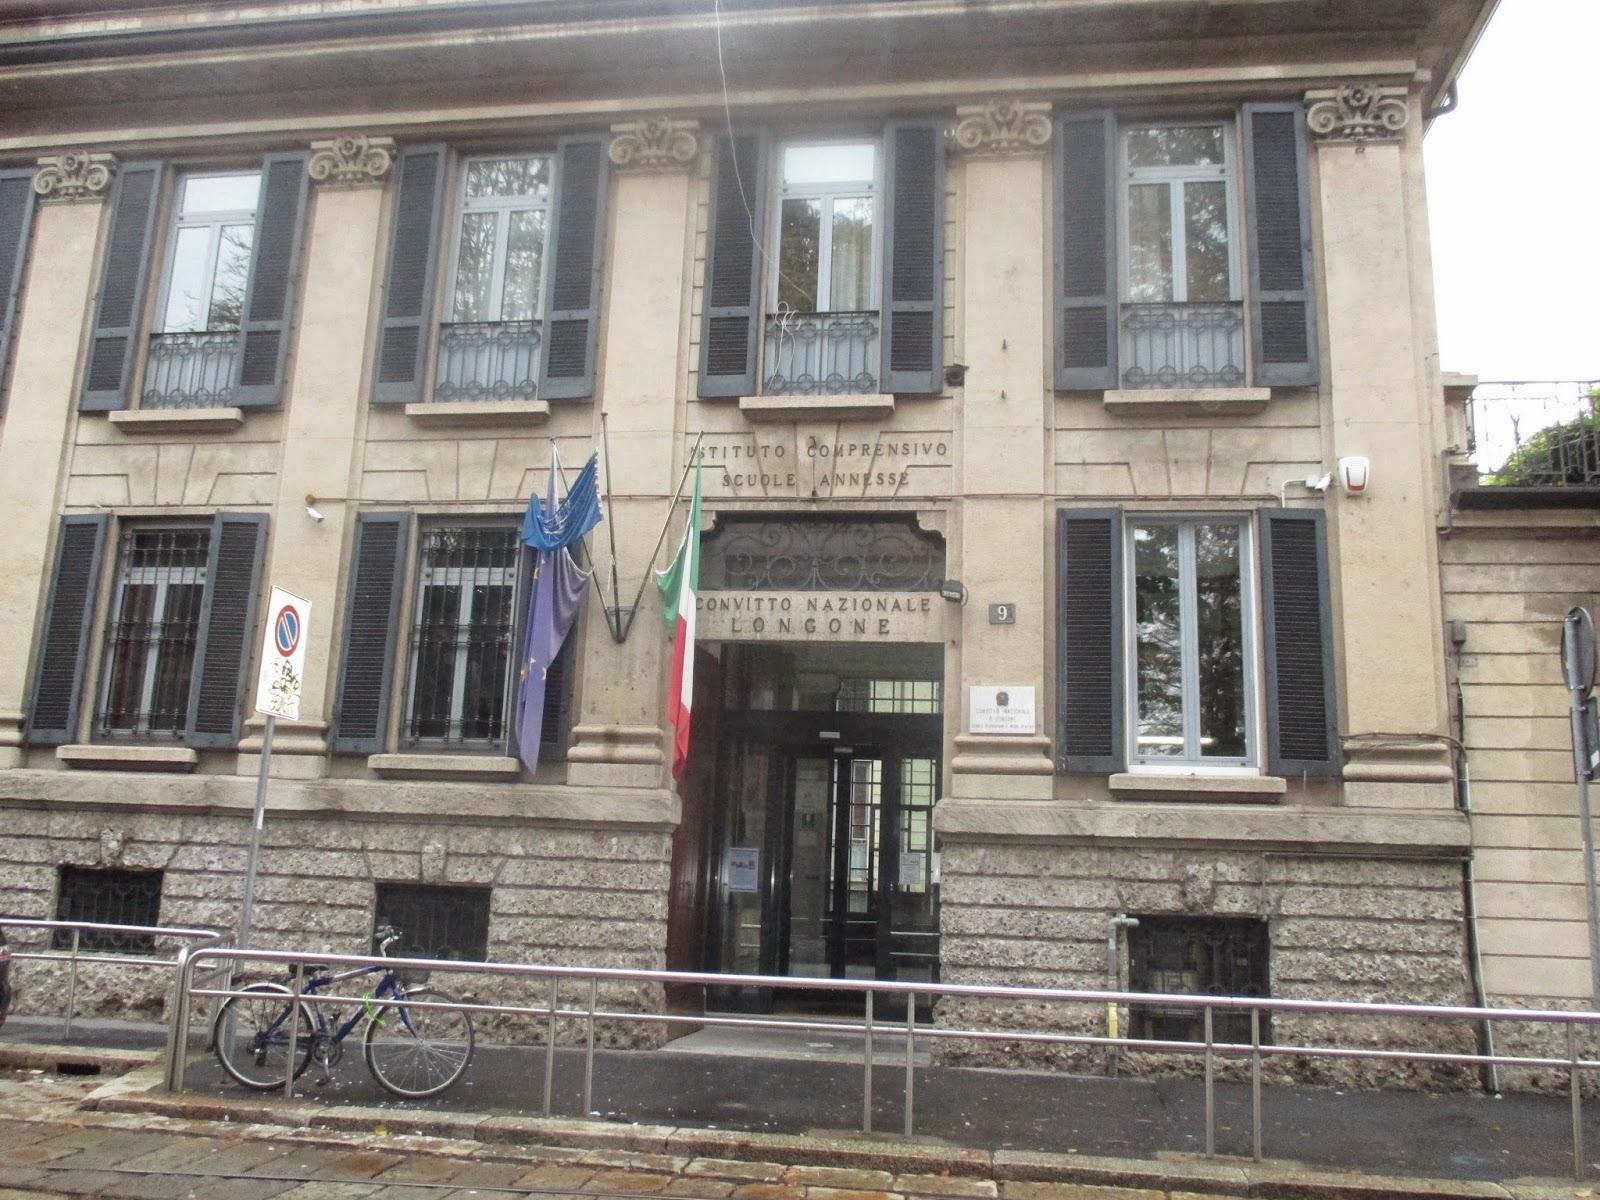 Dino donofrio per un federalismo che unisce gliitaliani for Scuola burgo milano